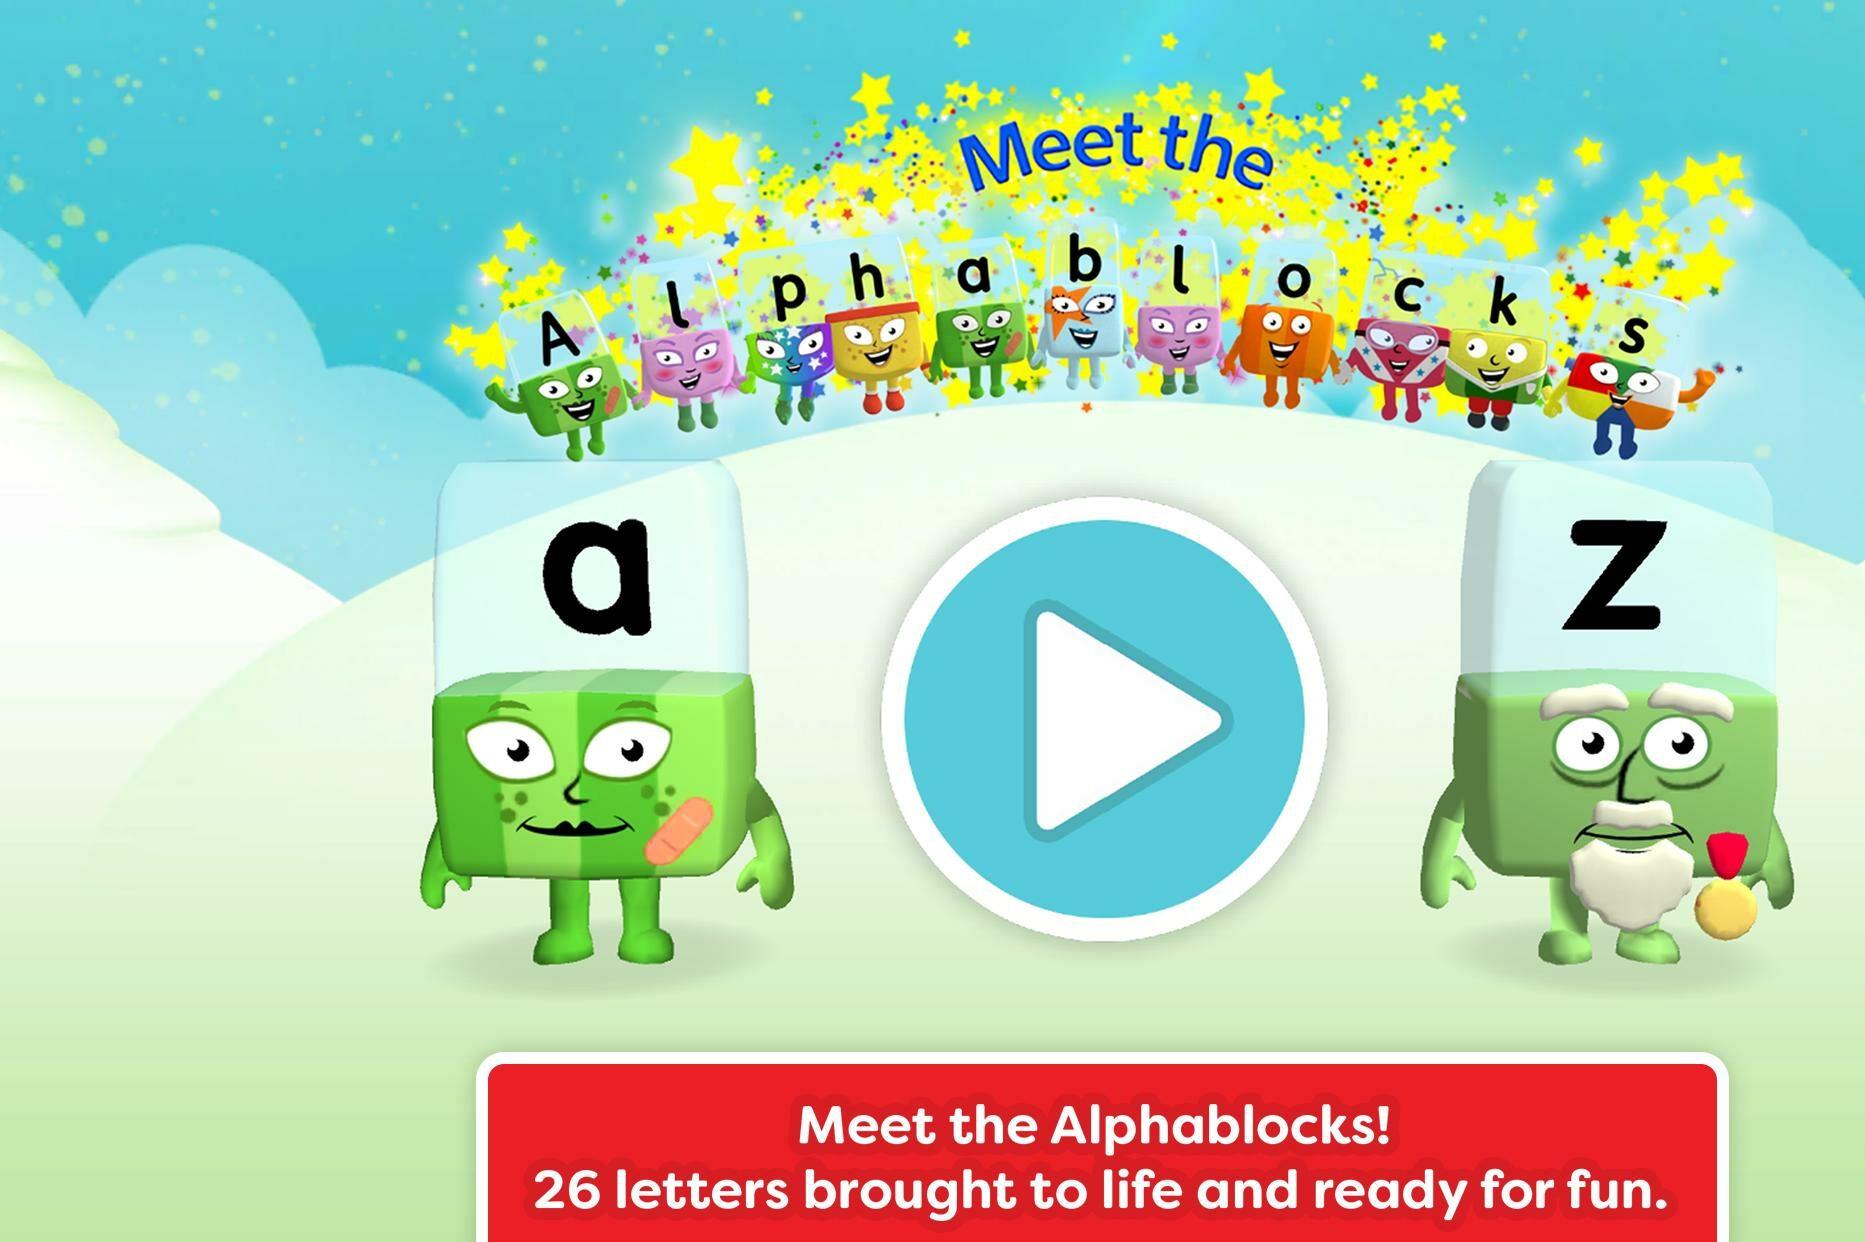 سلسلة تعلم القراءة – اللغة الانجليزية – الحروف الابجدية – بدون موسيقى |Alphablocks – Learn to Read | From A – Z | Meet The Alphablocks – No Music